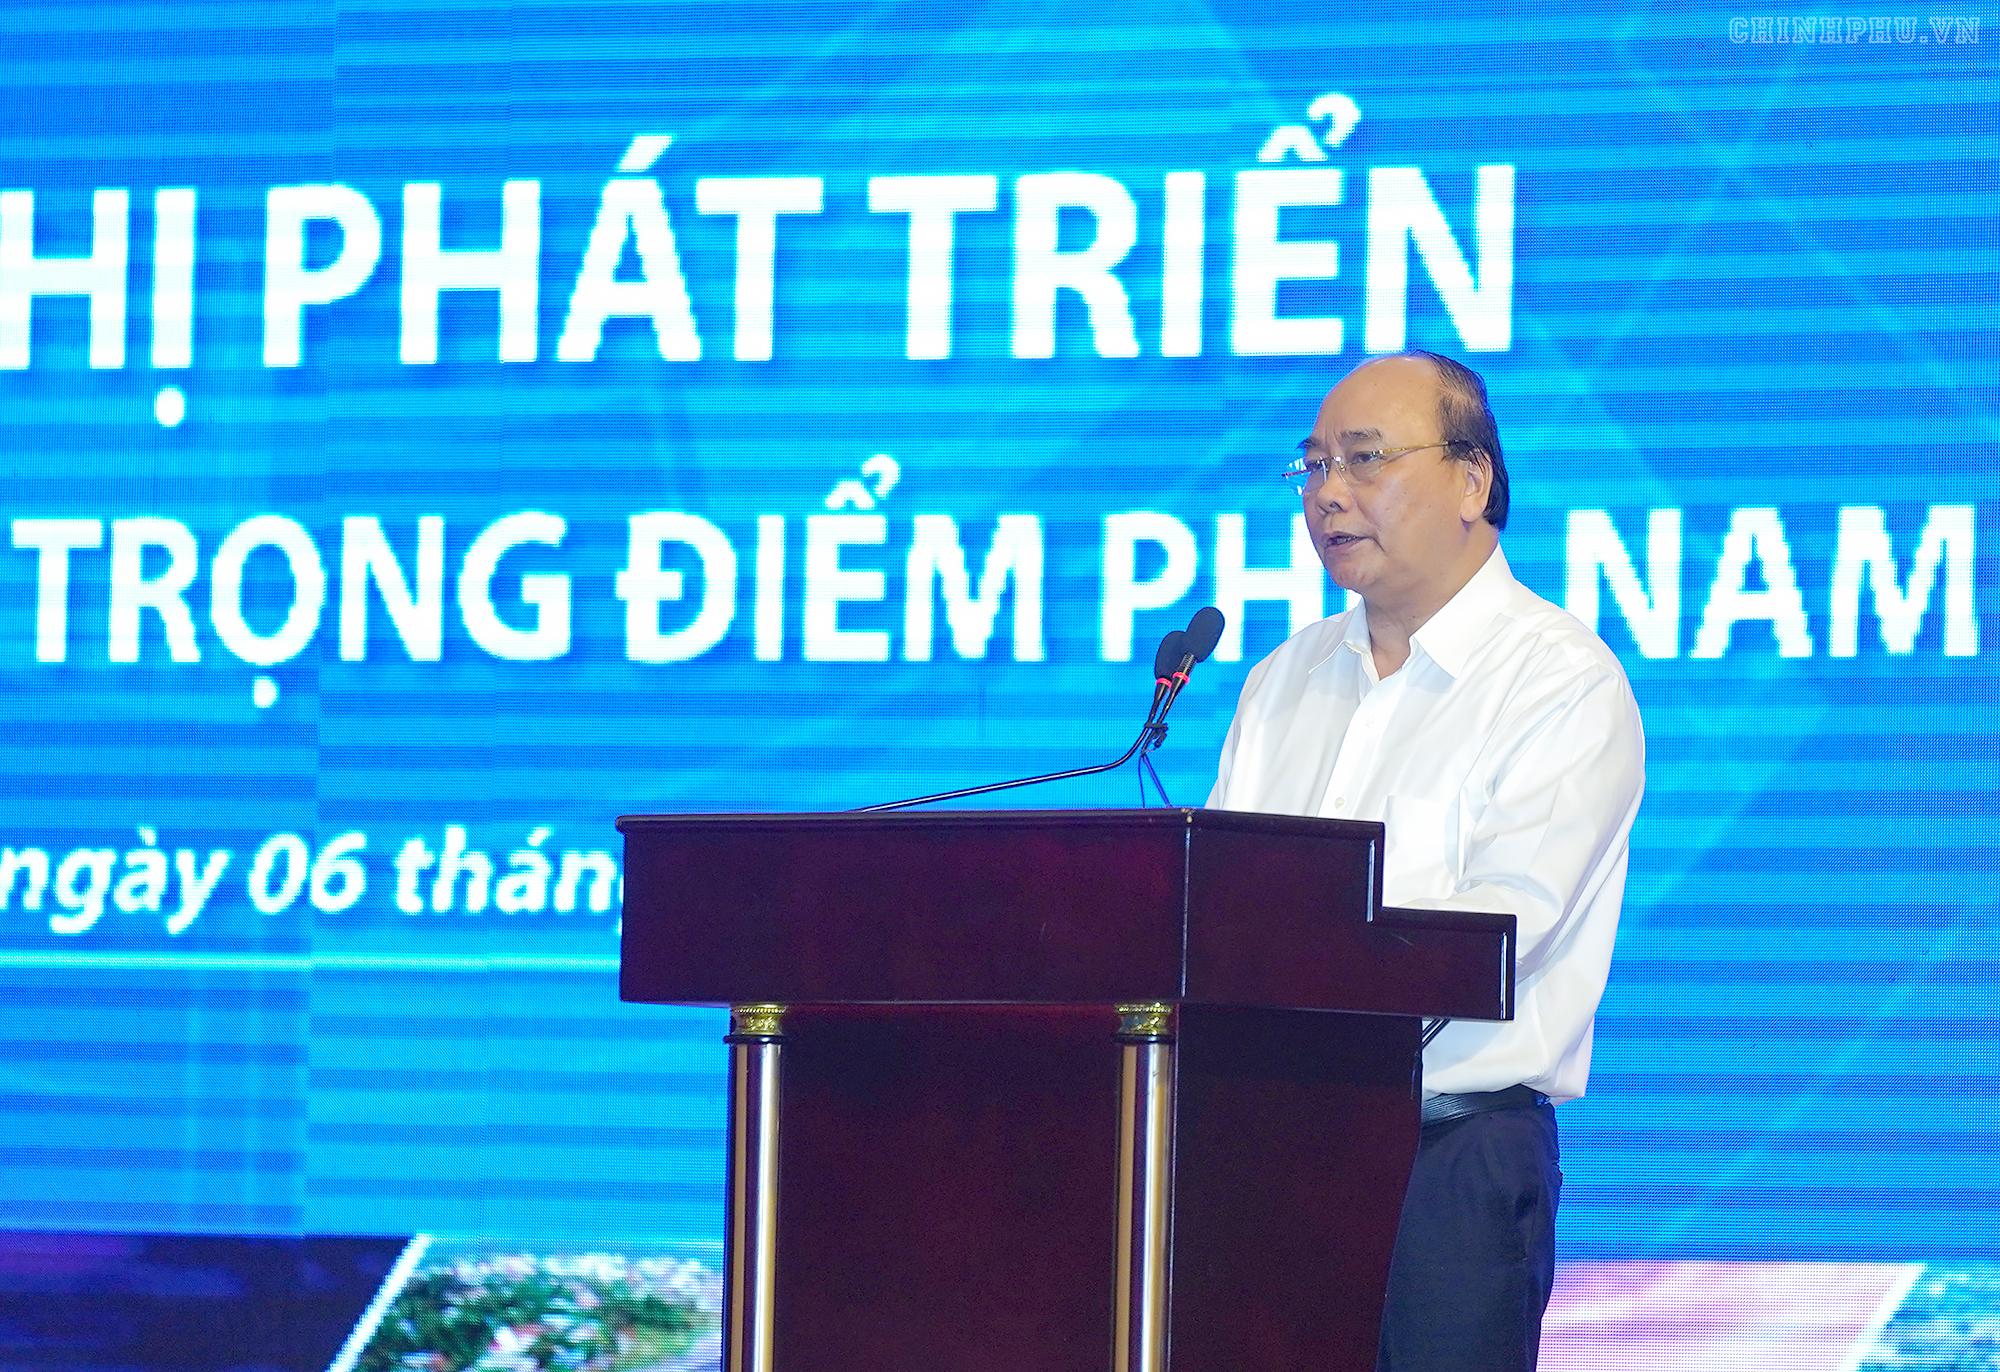 Thúc đẩy tăng trưởng và phát triển bền vững Vùng kinh tế trọng điểm phía Nam